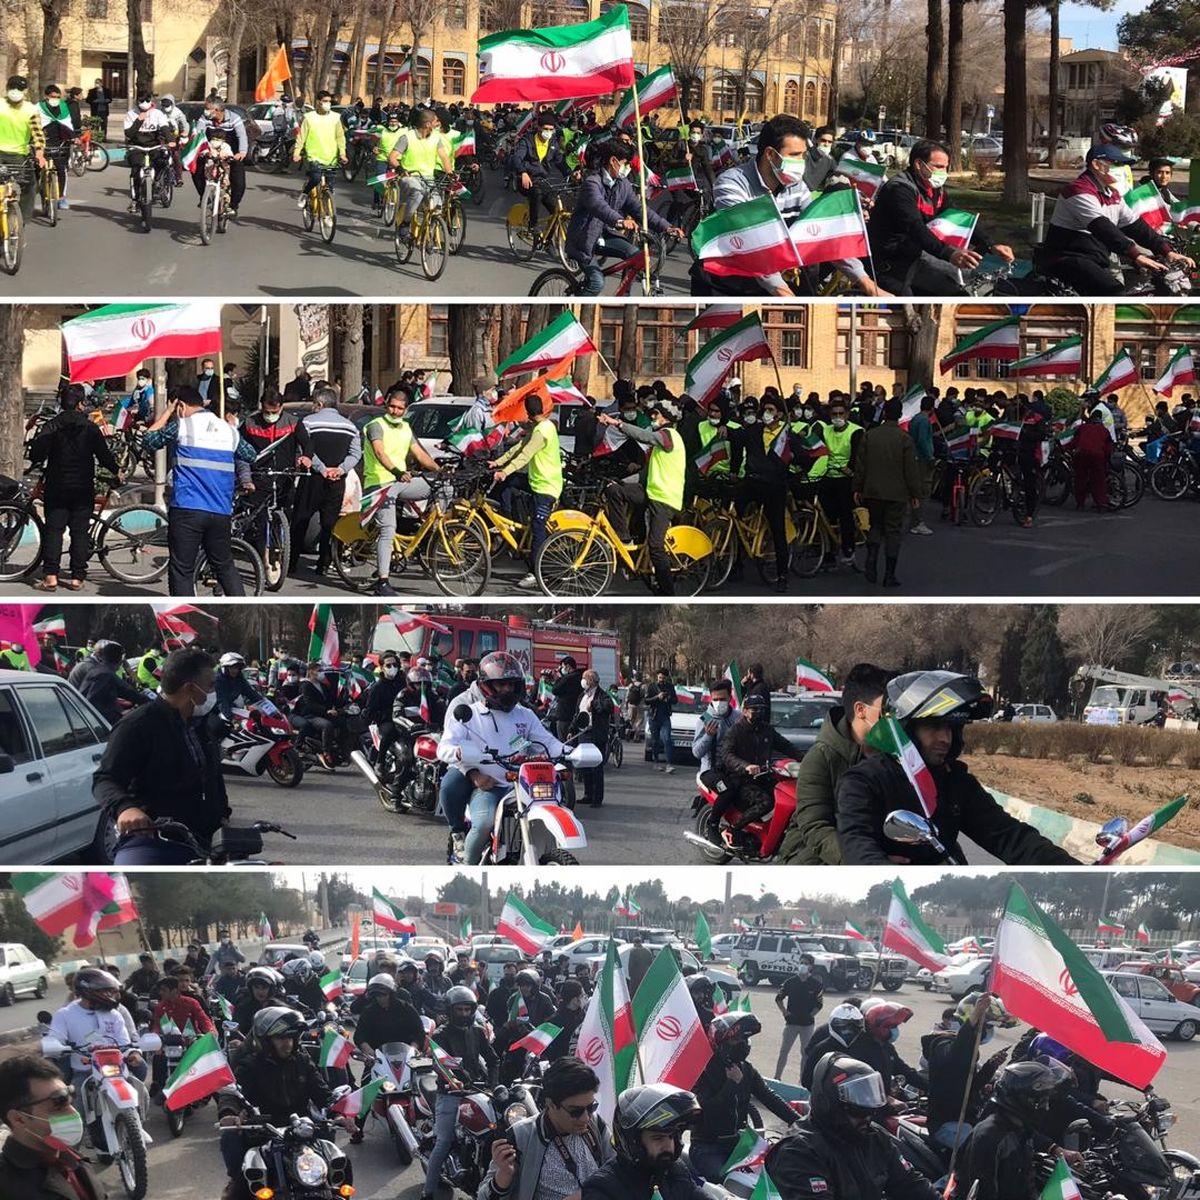 انقلاب اسلامی ایران، مردمی ترین و بزرگترین انقلاب است